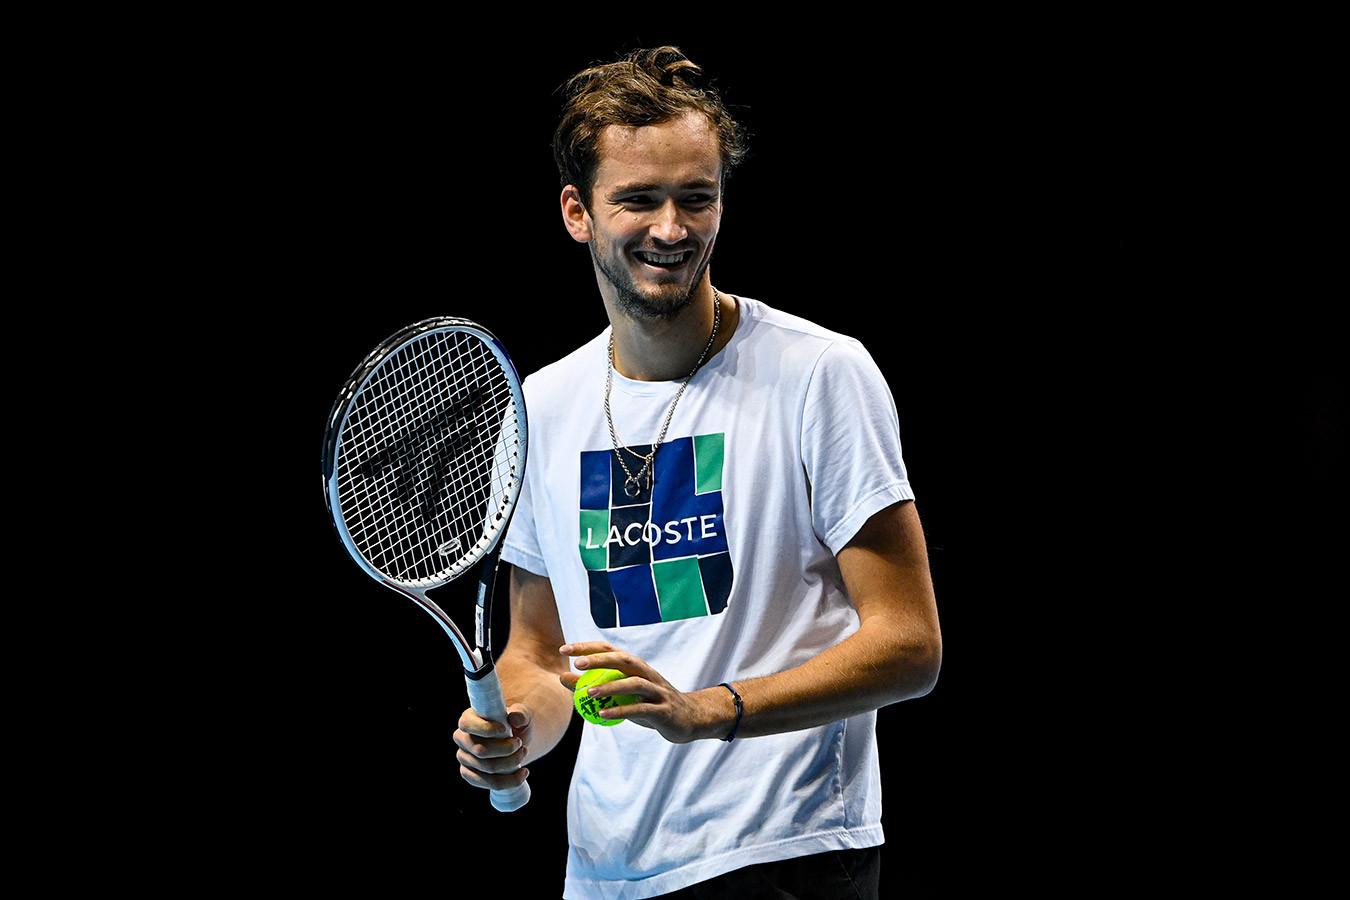 Игрок на корте и по жизни. 10 важных фактов о Данииле Медведеве